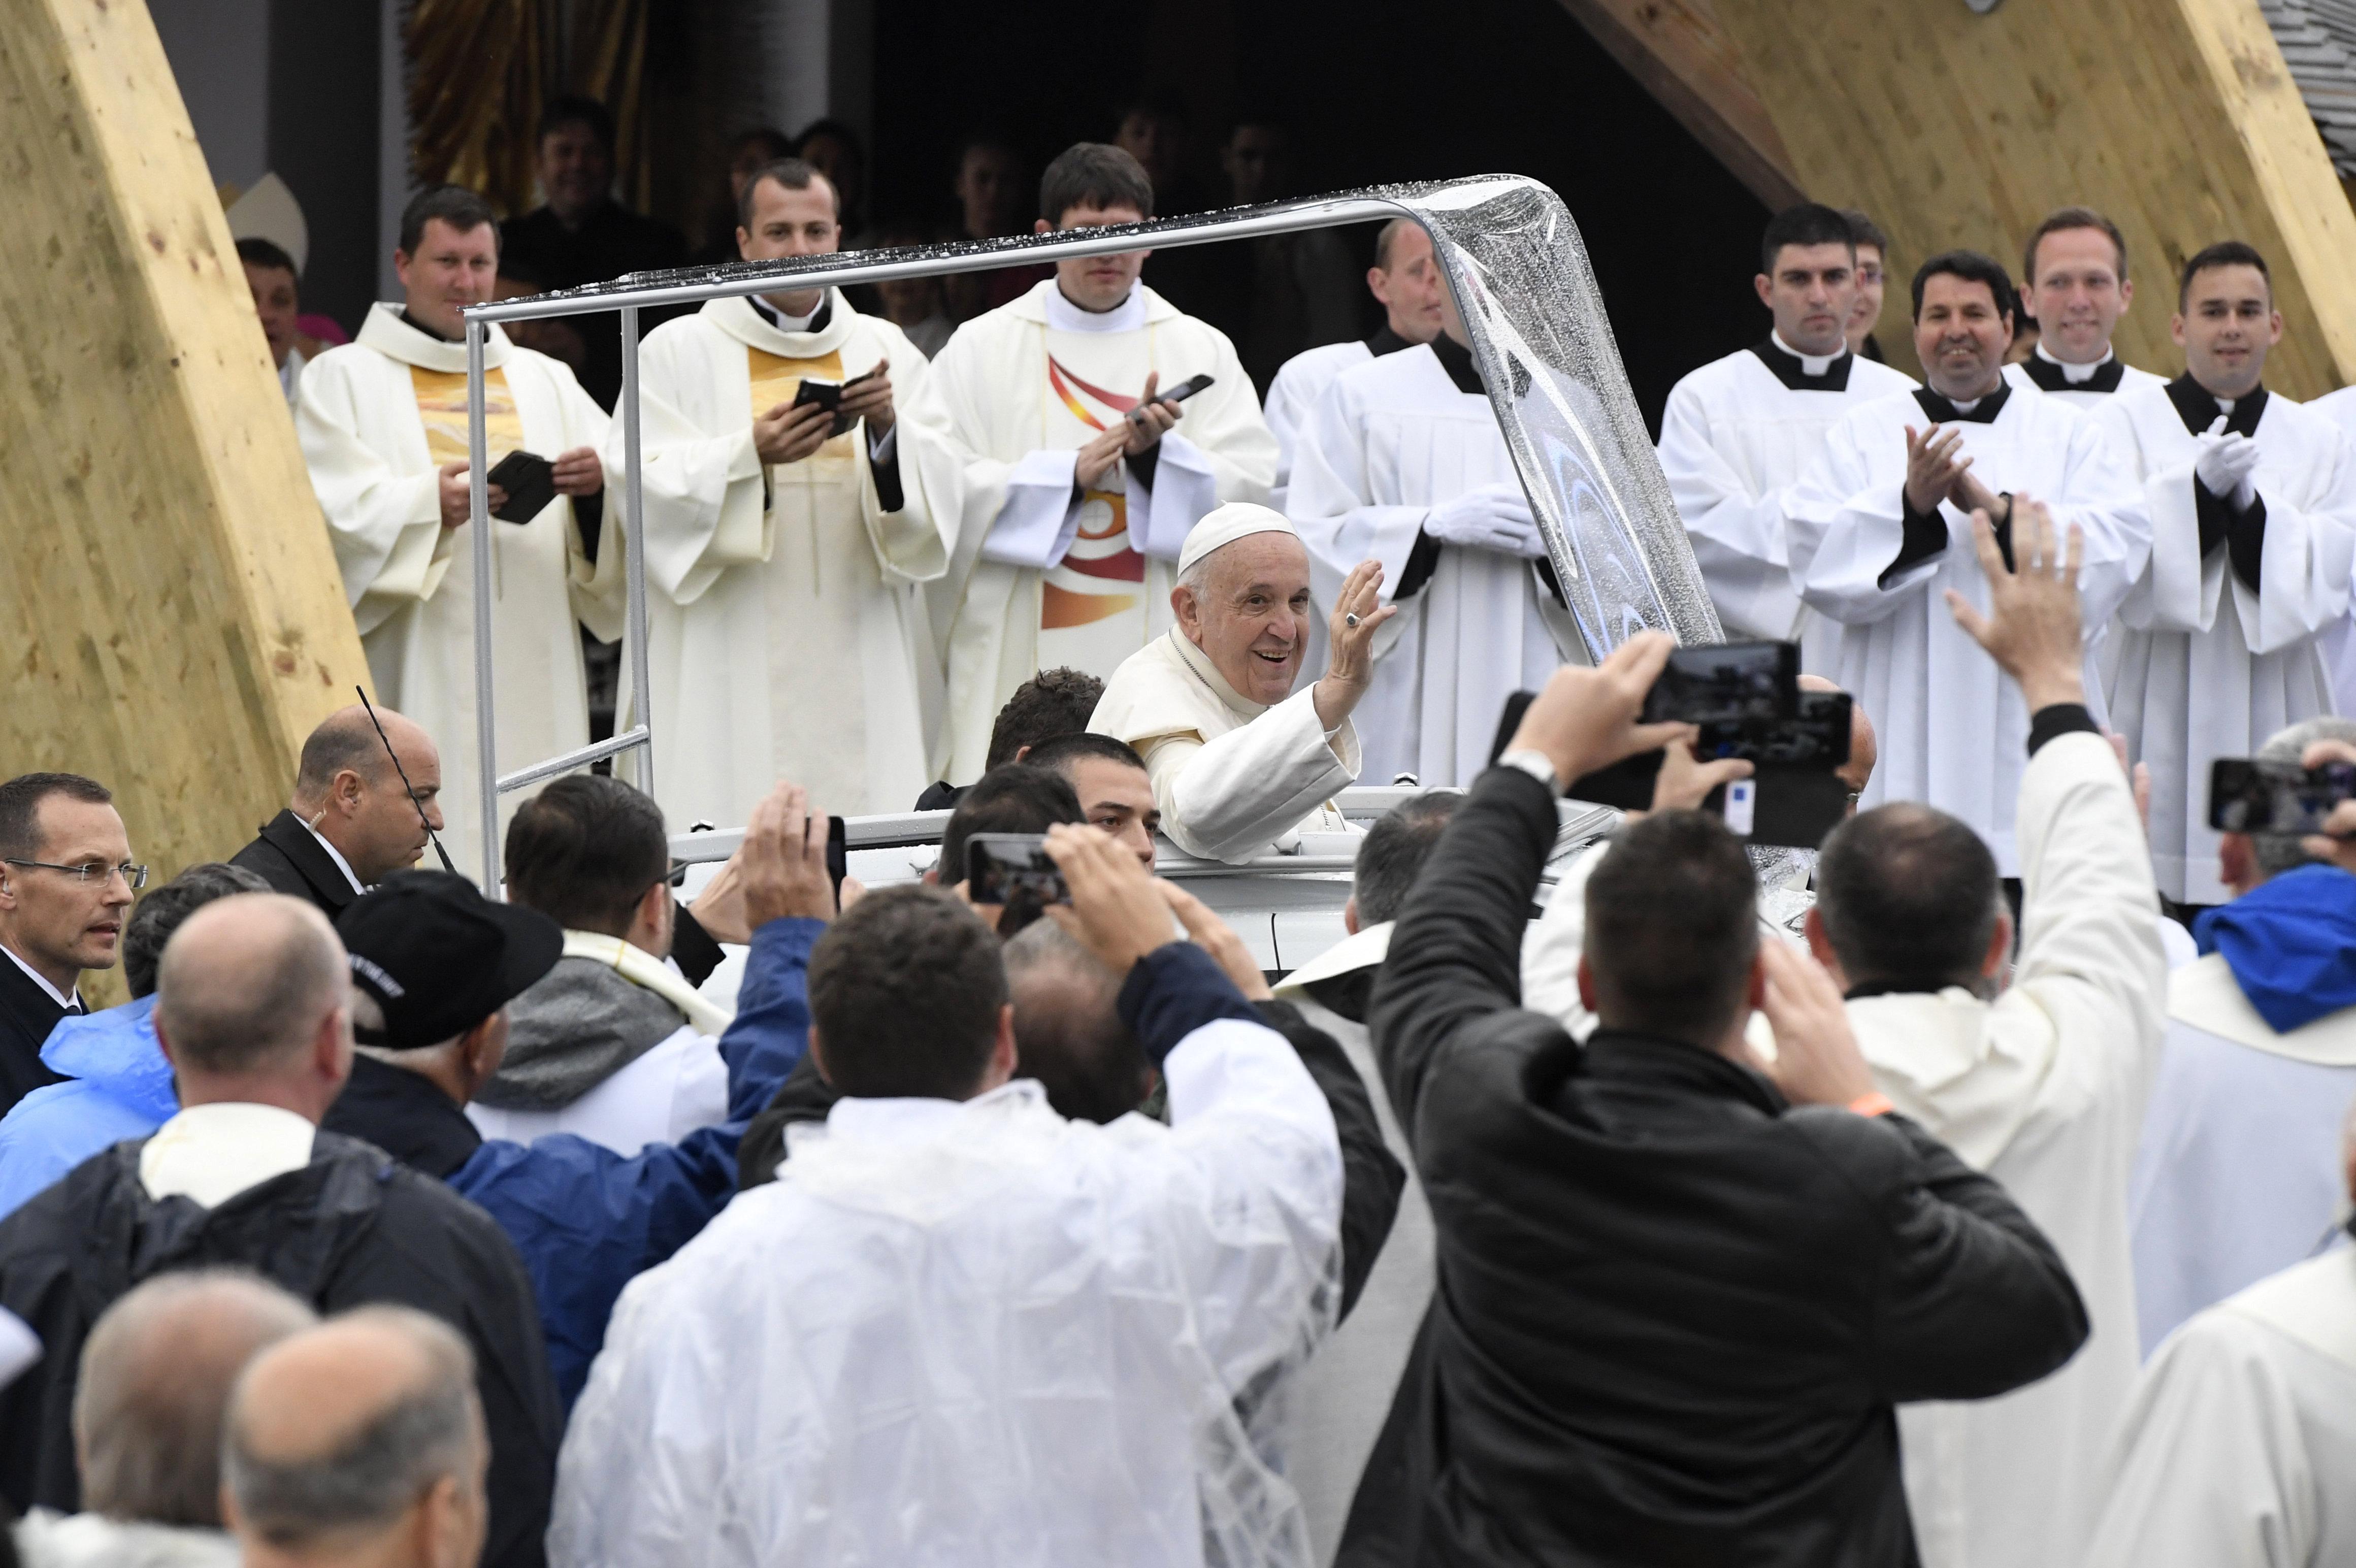 135-köpfige Schweizer Garde schützt Papst Franziskus in Budapest